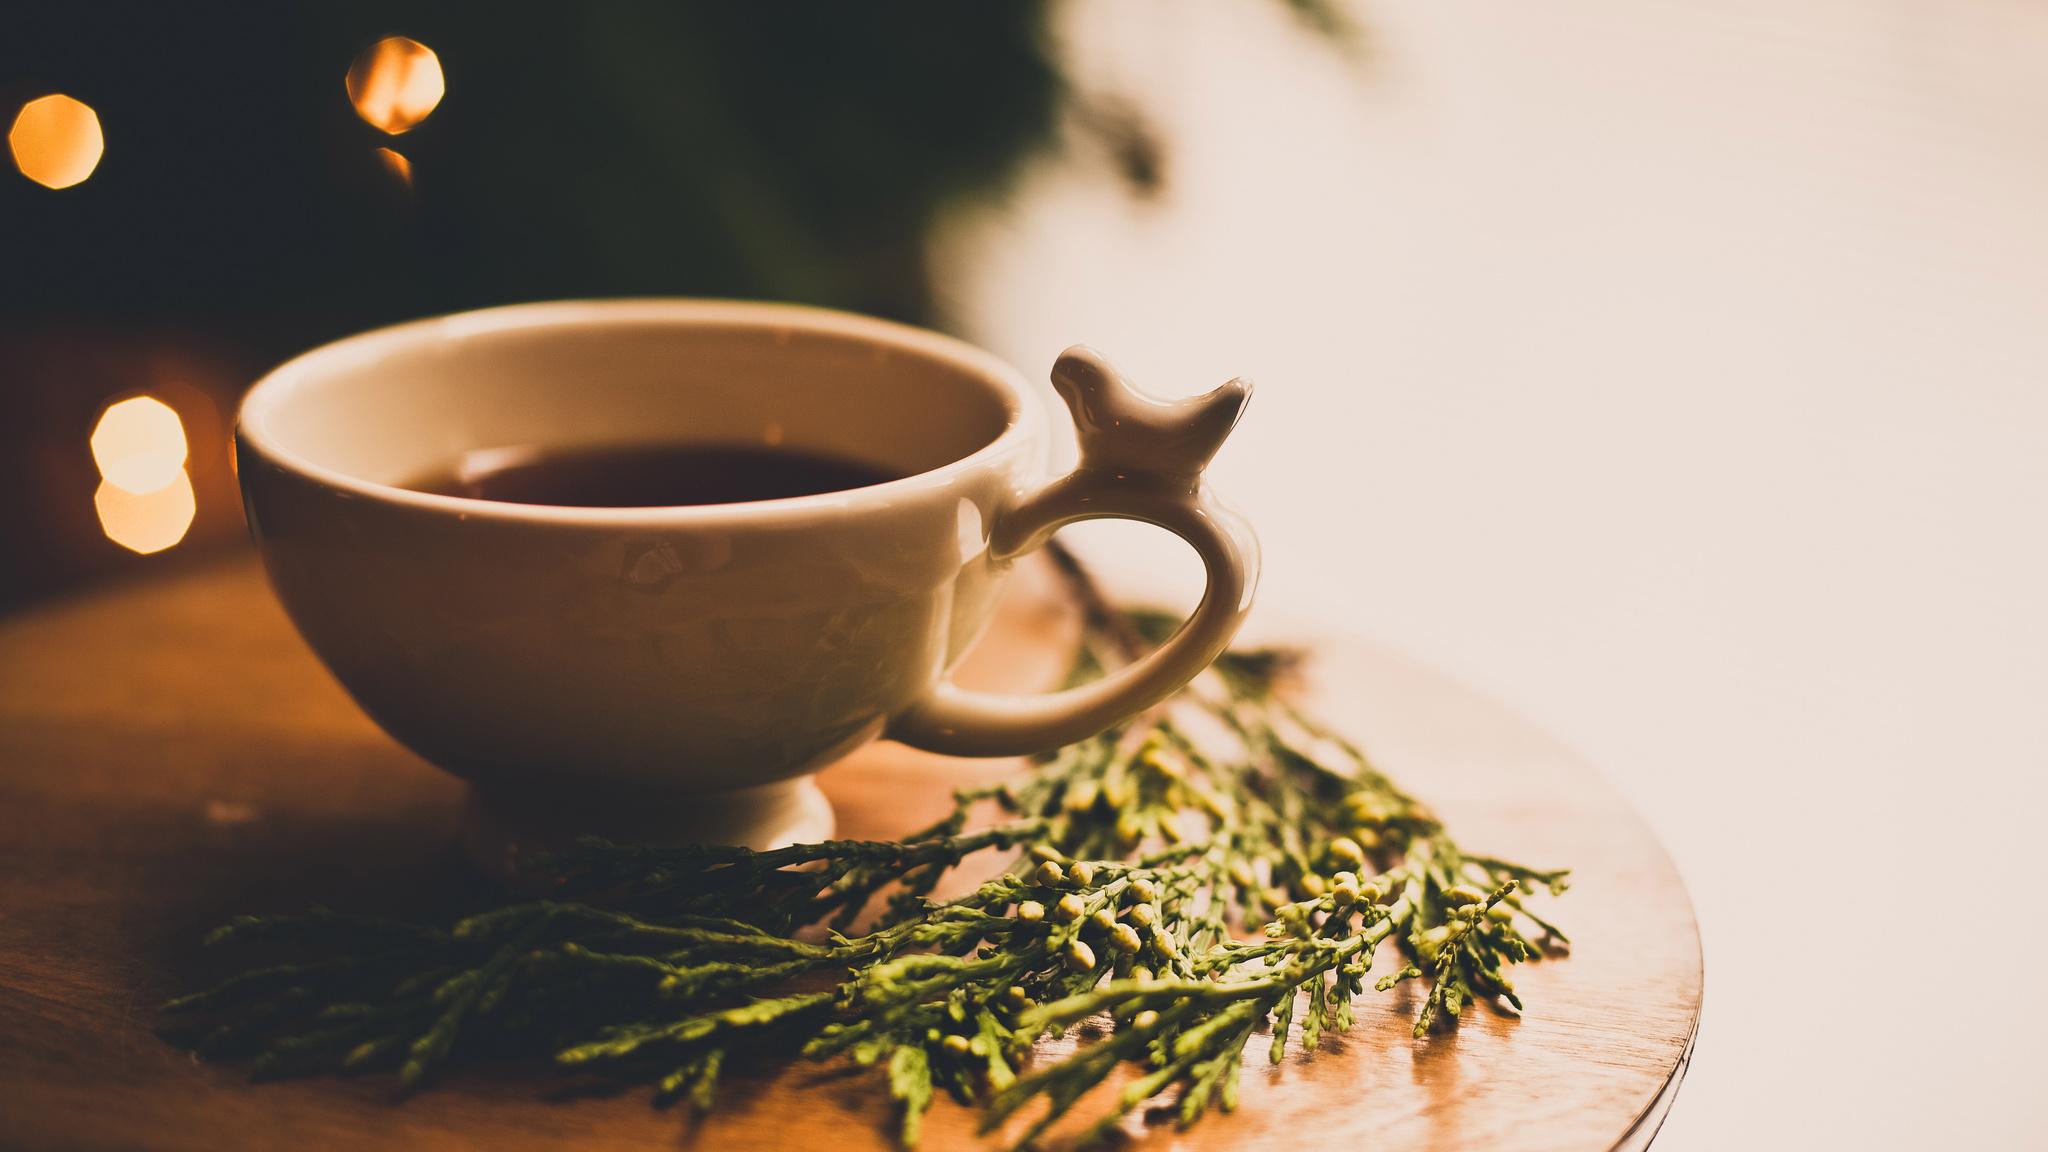 Обои рабочий стол чай кофе